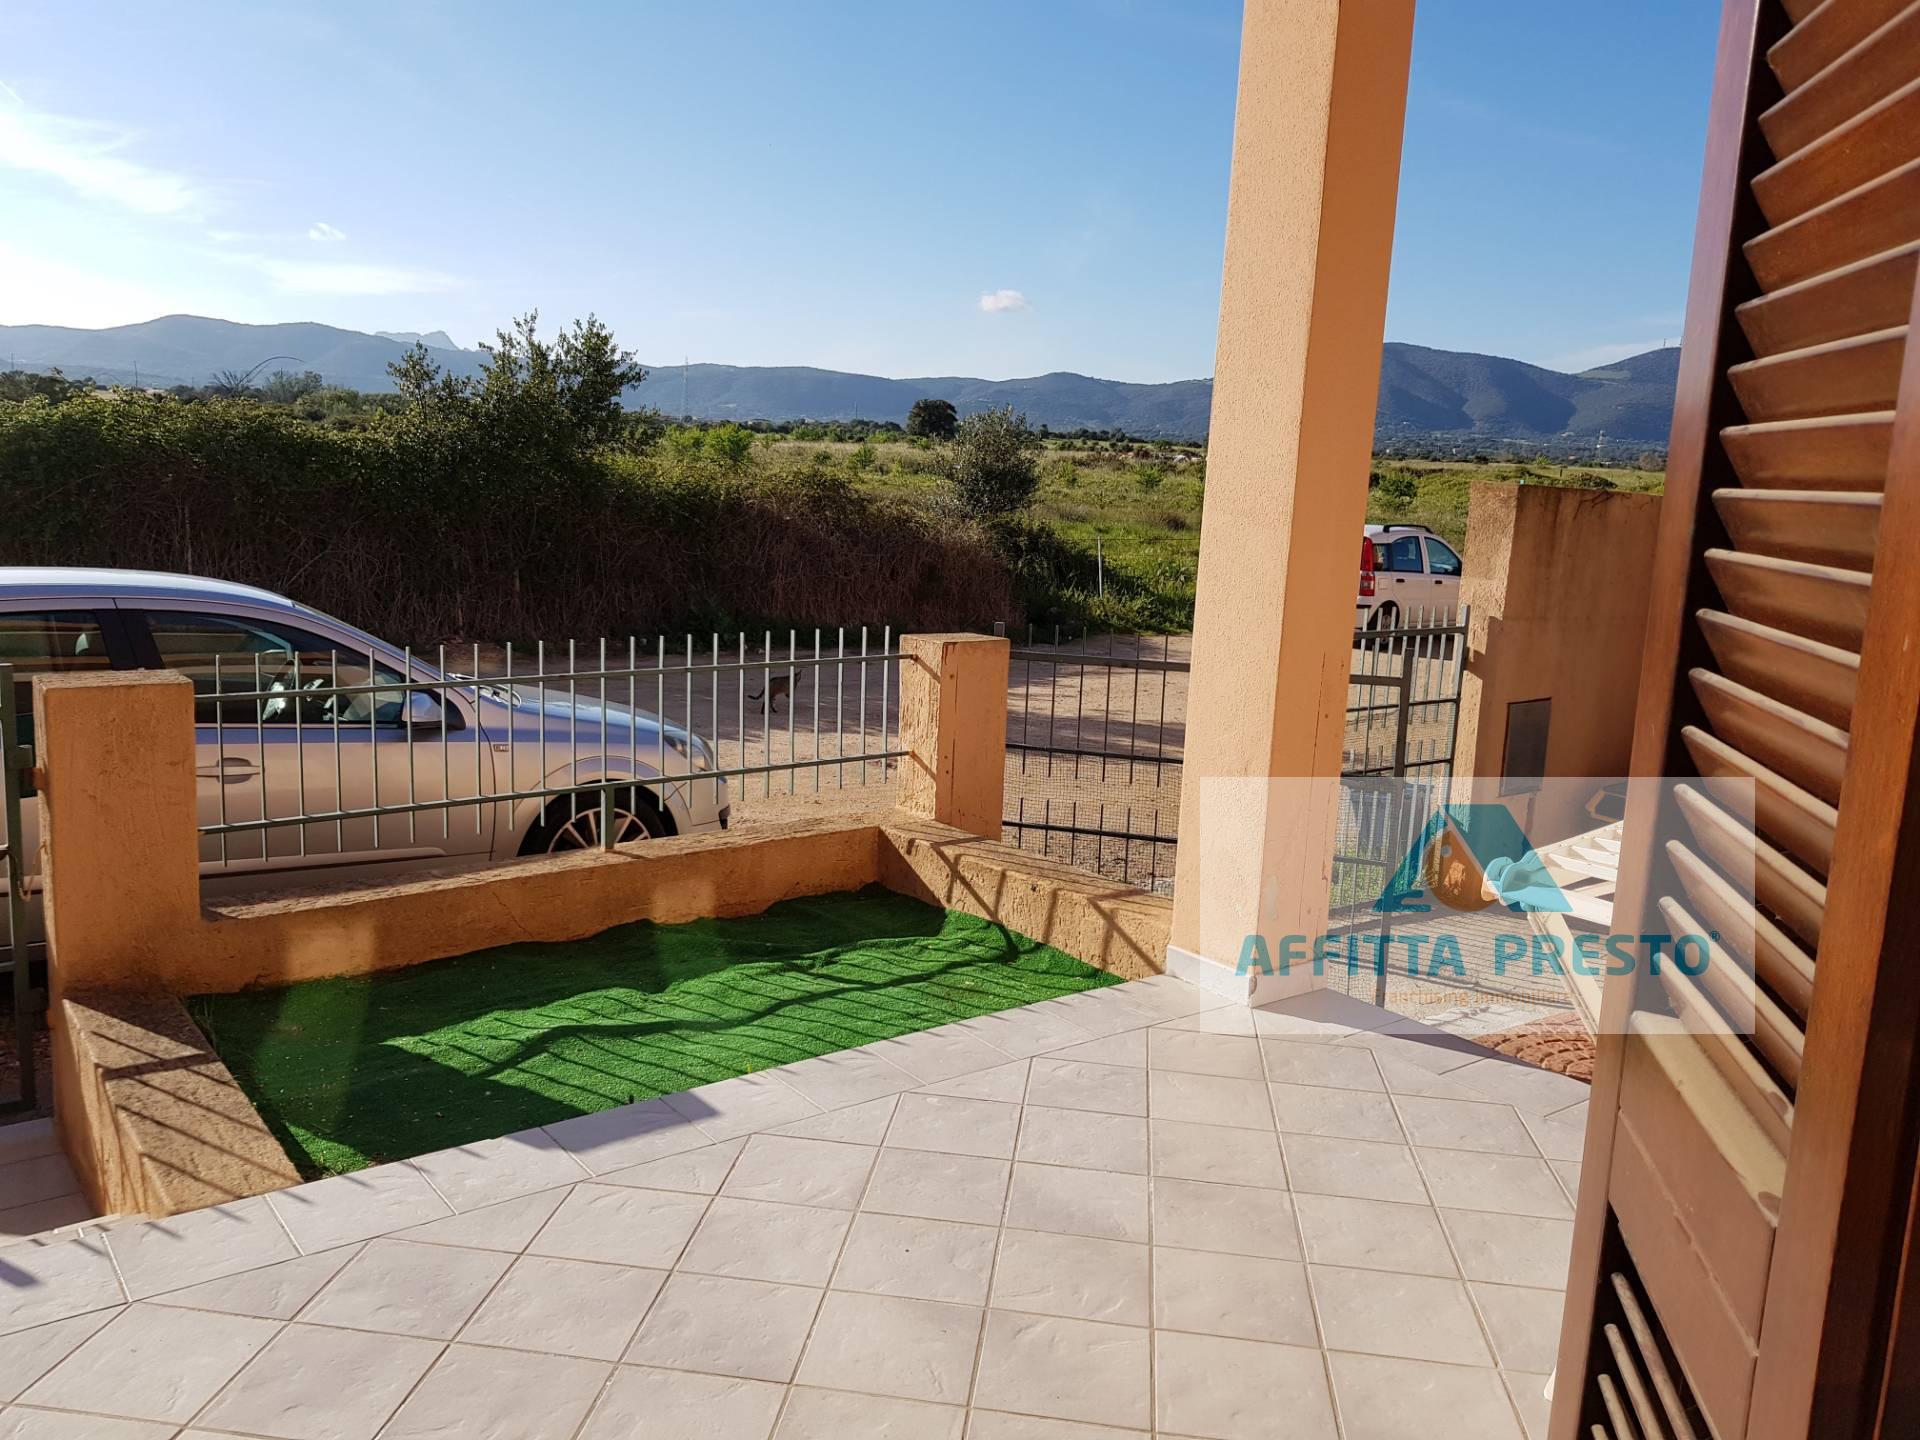 CASA SEMI-INDIPENDENTE in Affitto a Olbia città, Olbia (SASSARI)